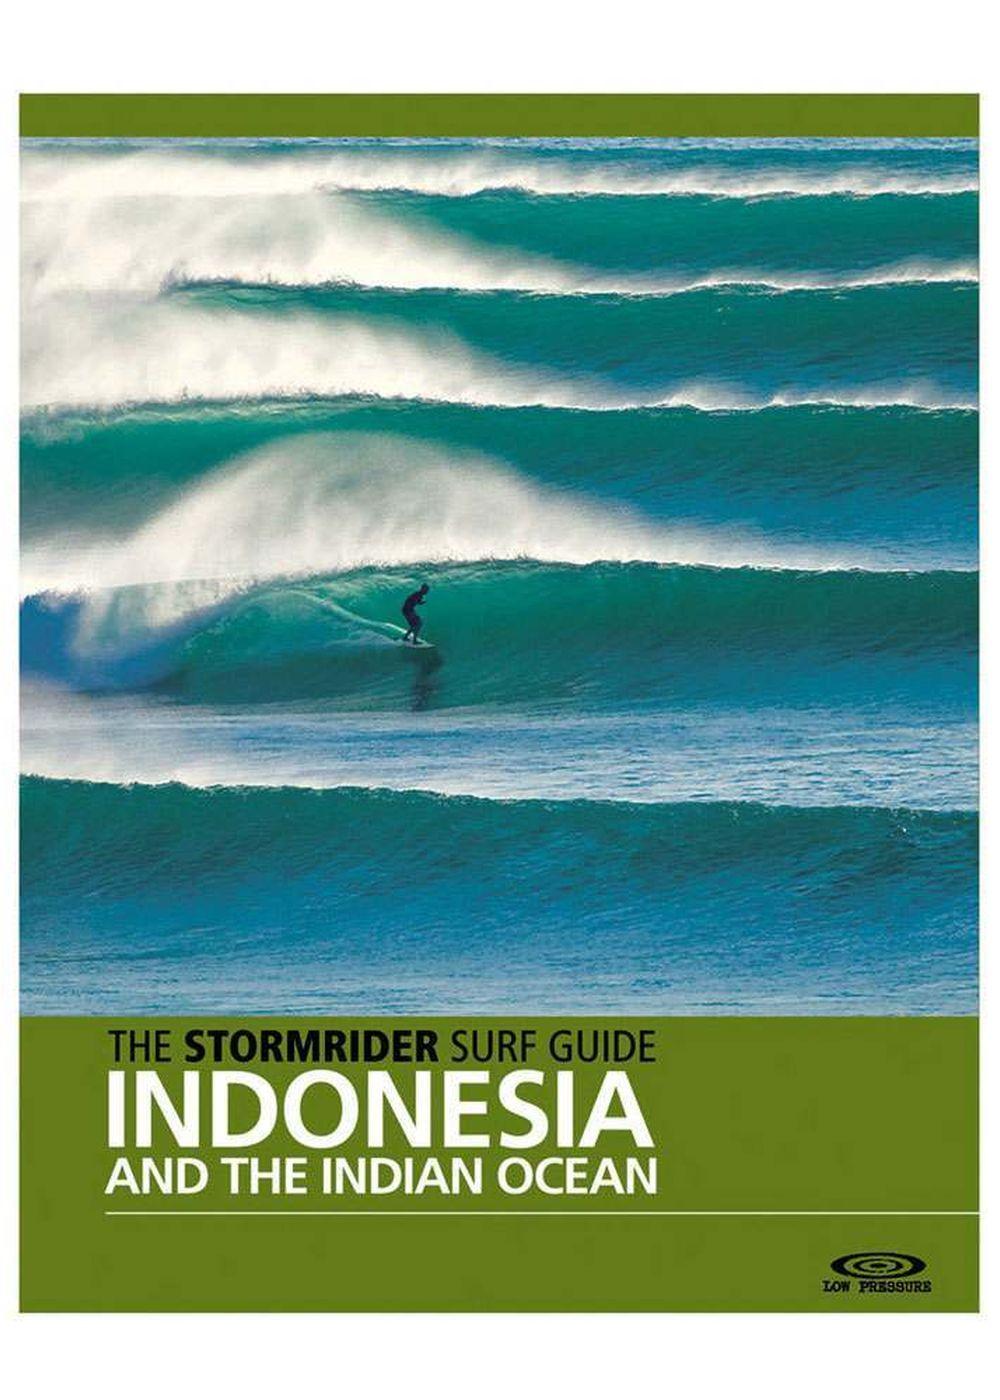 STORMRIDER GUIDE INDONESIA & INDIAN OCEAN